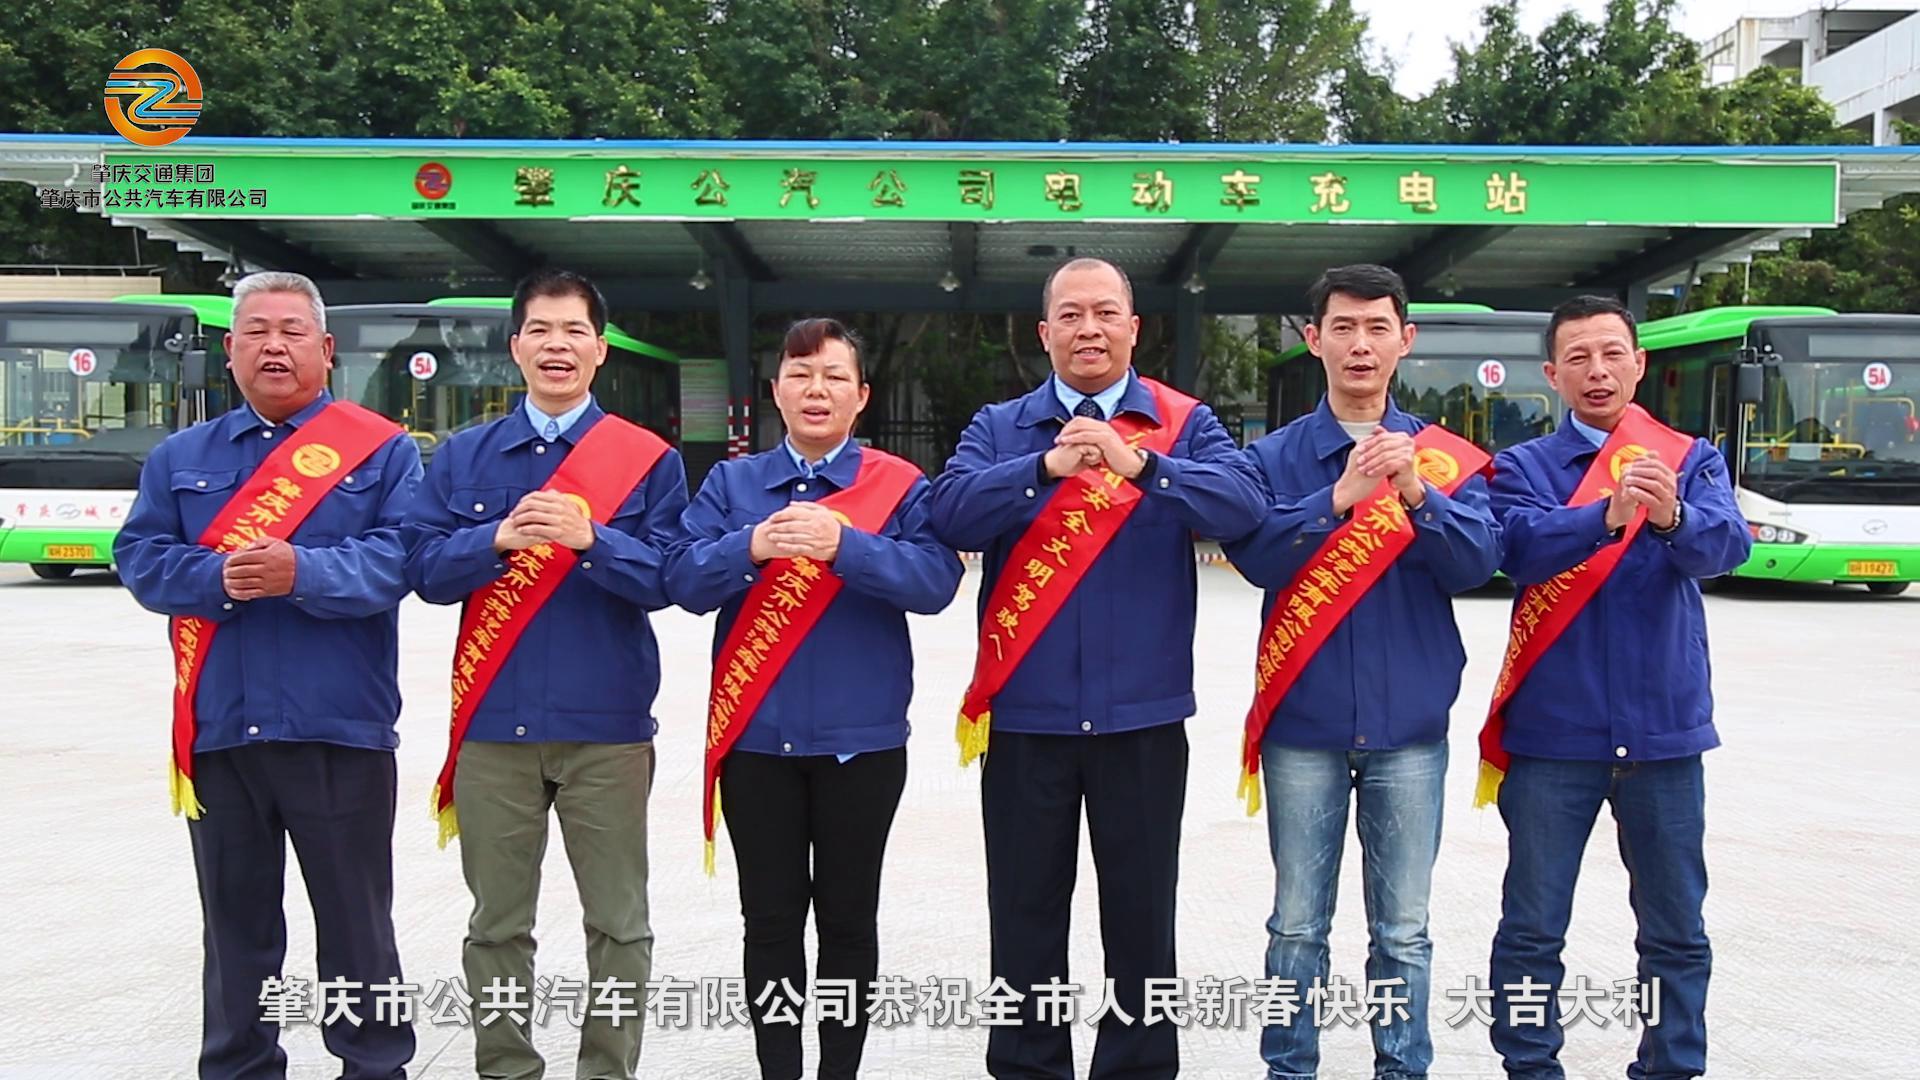 肇庆市公共汽车有限公司30贺年广告